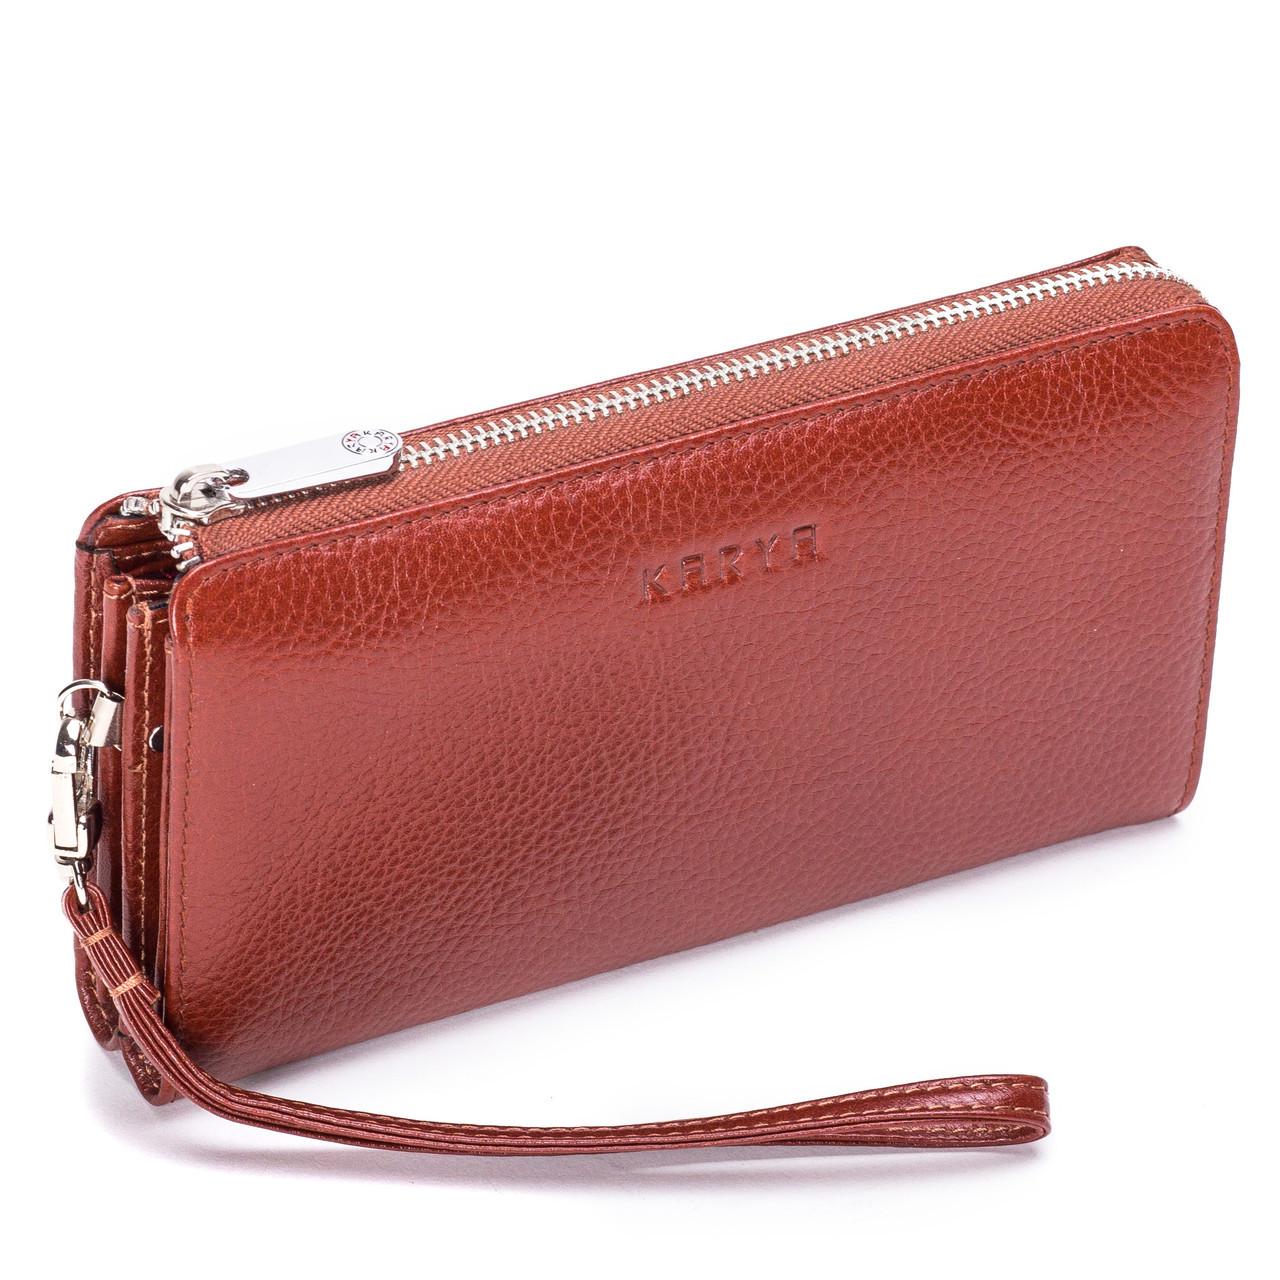 Клатч-кошелек Karya 0701-9 мужской кожаный коричневый